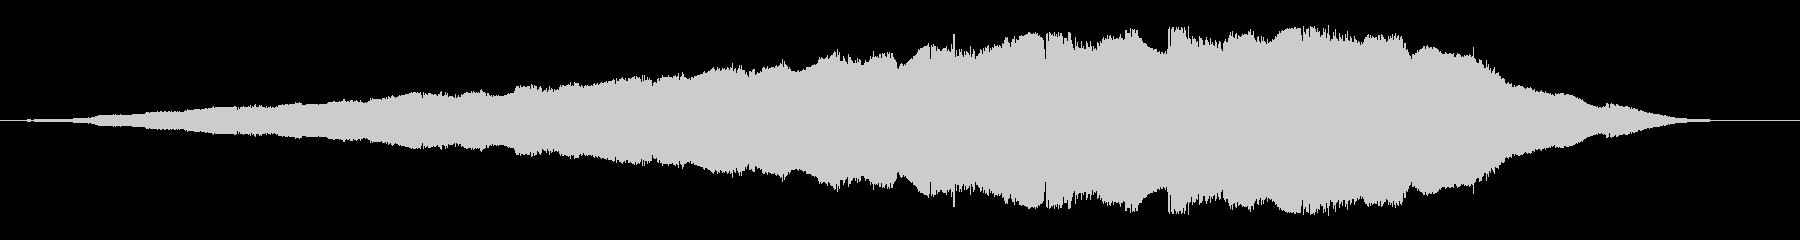 ピピピュー(飛来したUFOが着陸した音)の未再生の波形